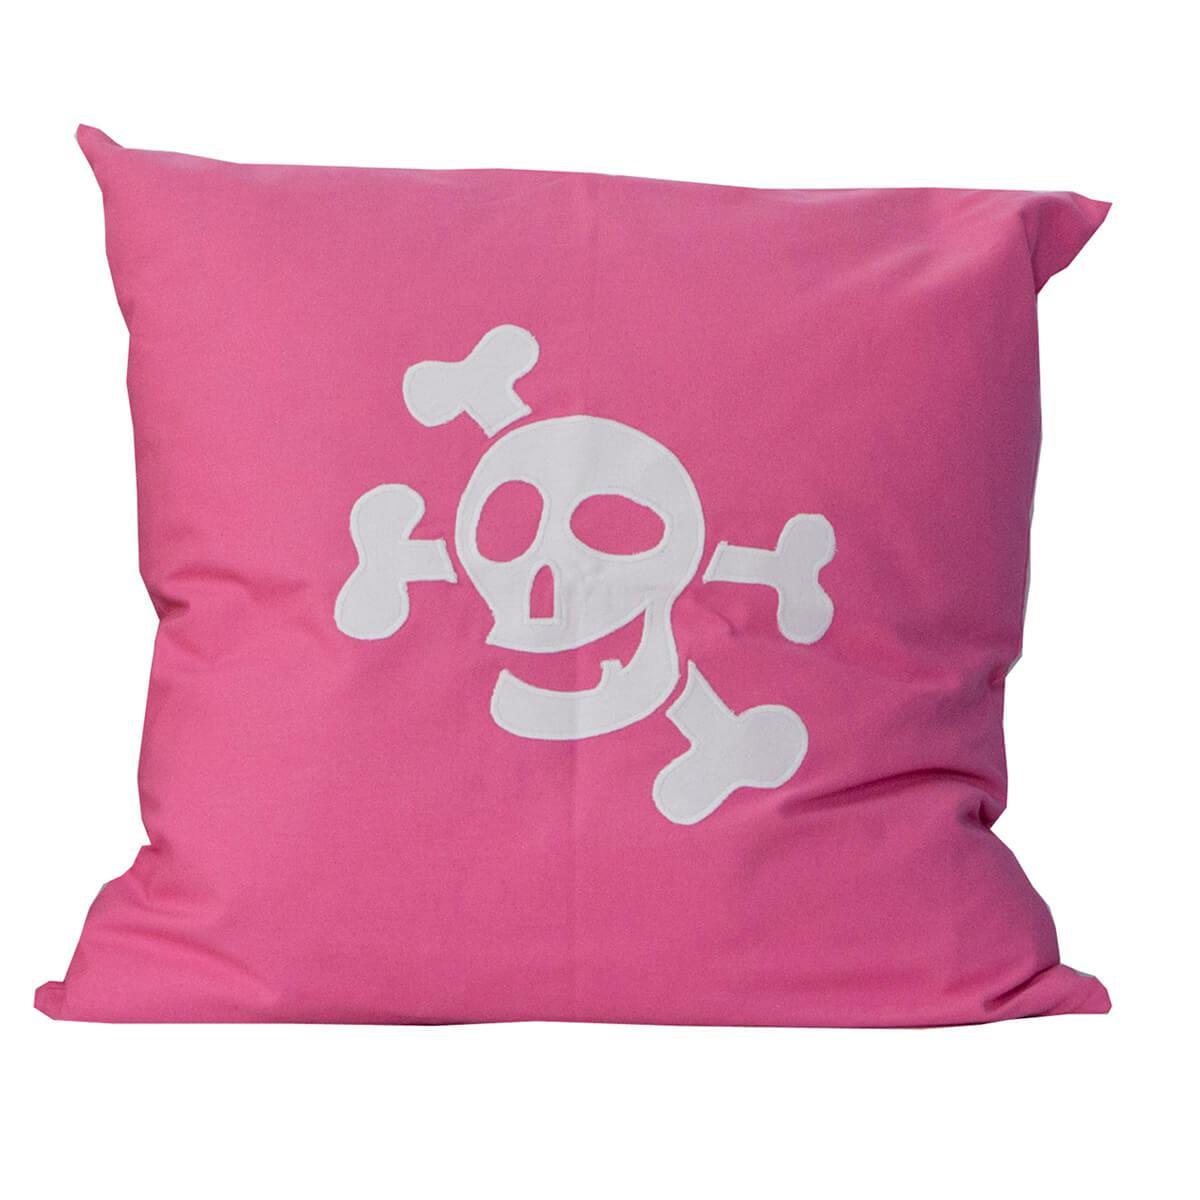 Kissen Pirat DELUXE De Breuyn 60x60cm rosa